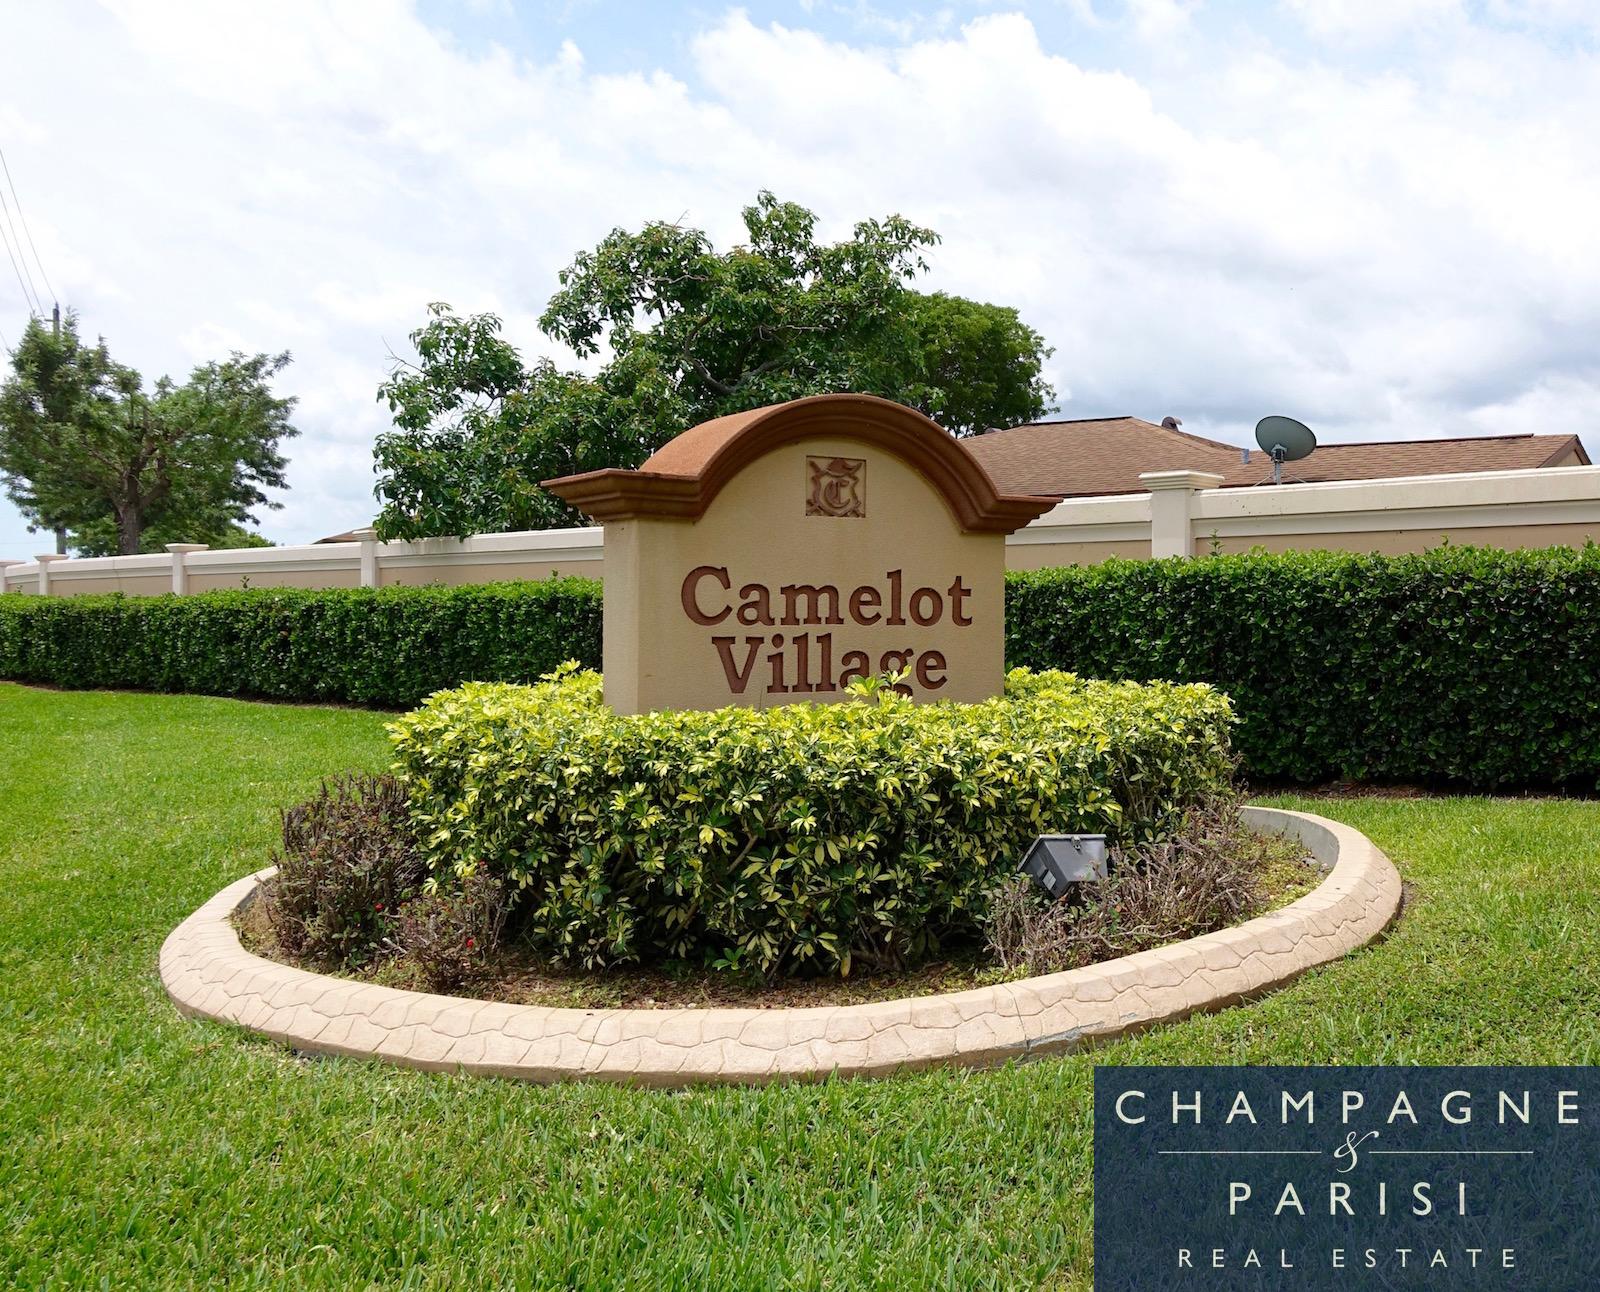 camelot village entryway